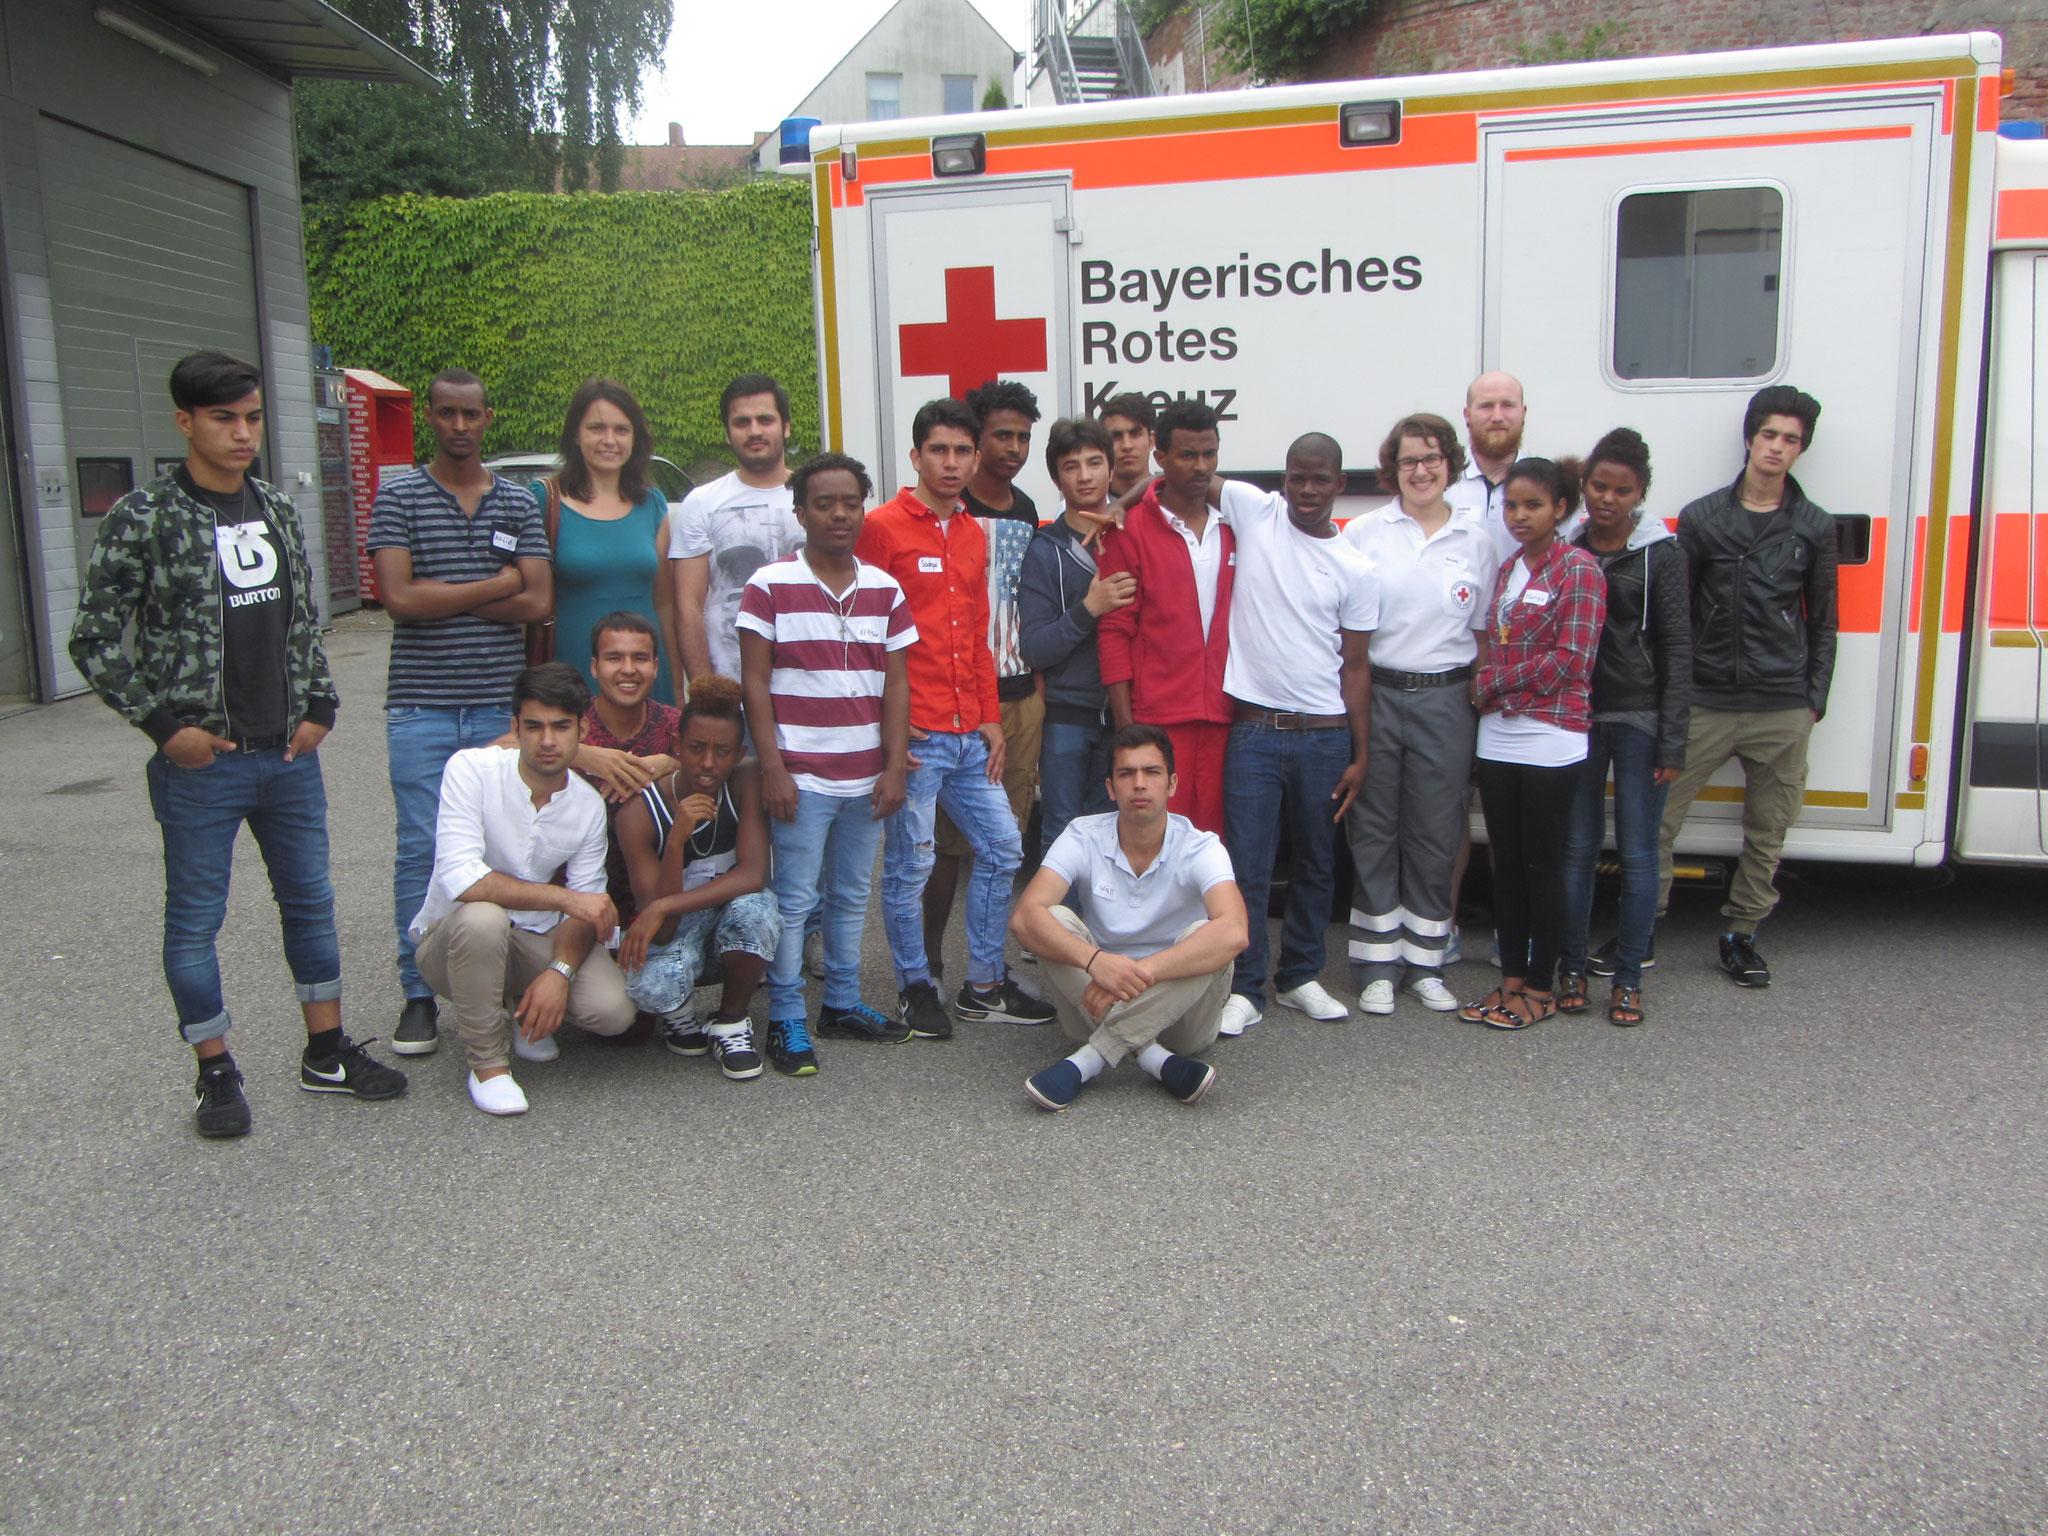 Am Ende erhalten alle 17 Jugendlichen ihr Erste-Hilfe-Zertifikat. Wir freuen uns auf den nächsten Kurs!